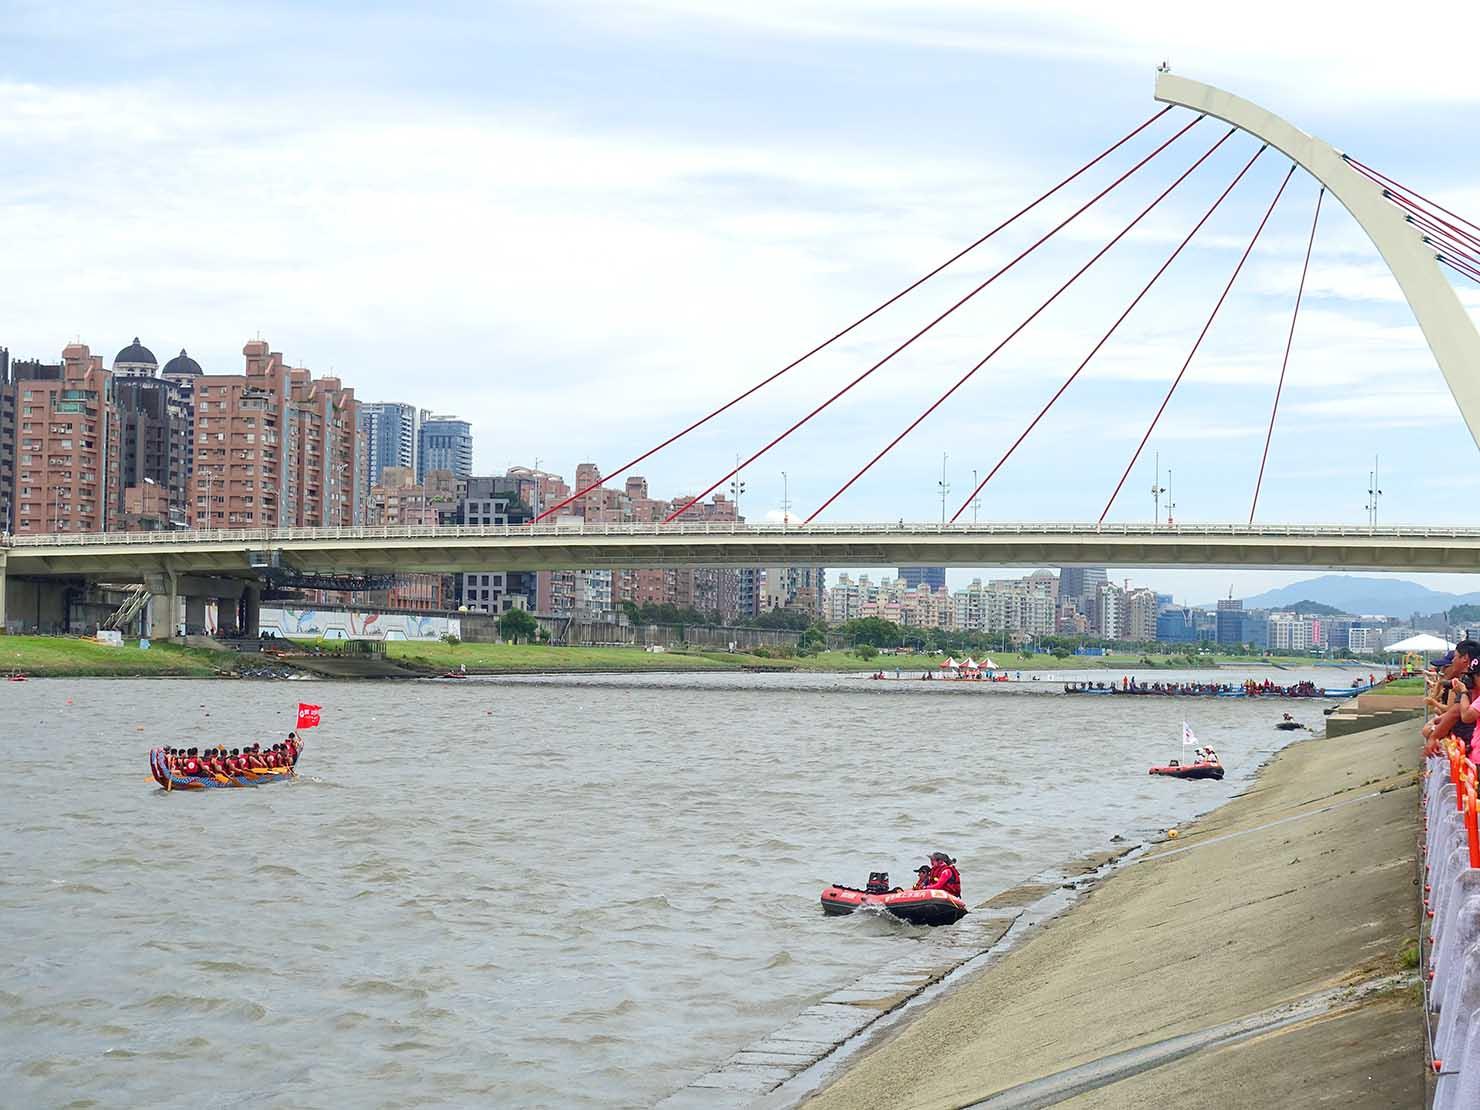 端午節の台北で行われた「龍舟競賽(ドラゴンボートレース)」会場となった大佳河濱公園を流れる基隆河